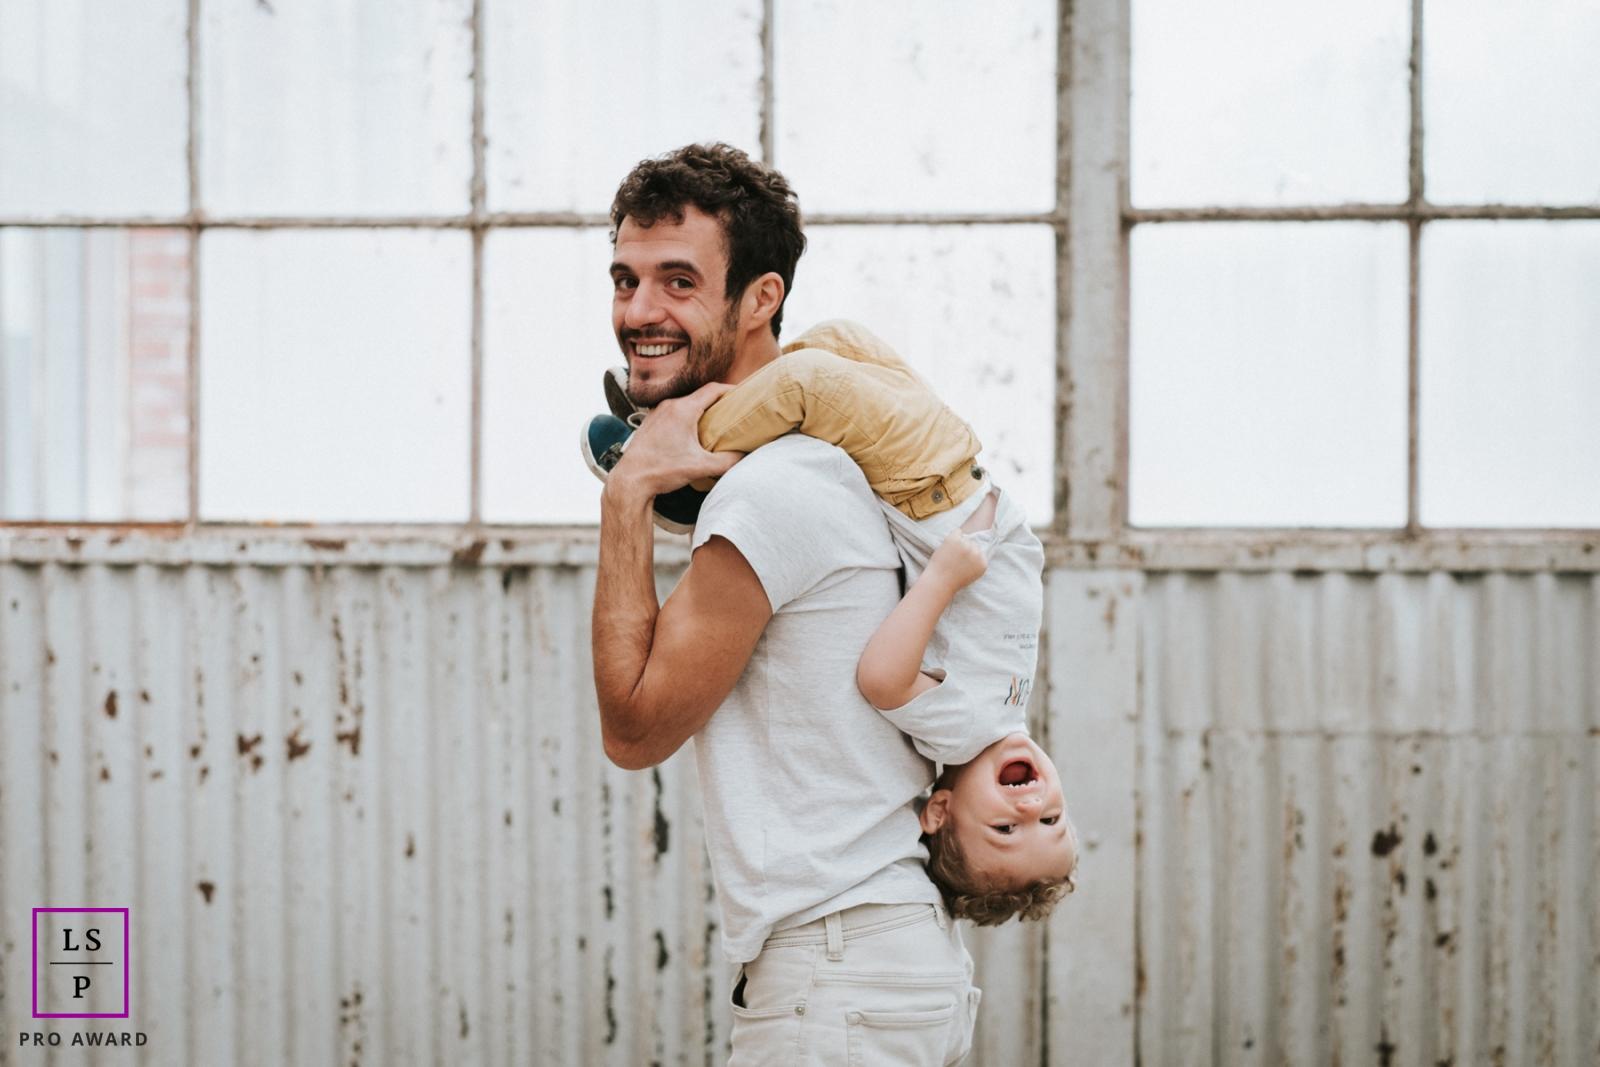 Family Photography for Alsace Grand Est - Lifestyle Portrait contains: father, son, portrait, building, metal, siding, windows